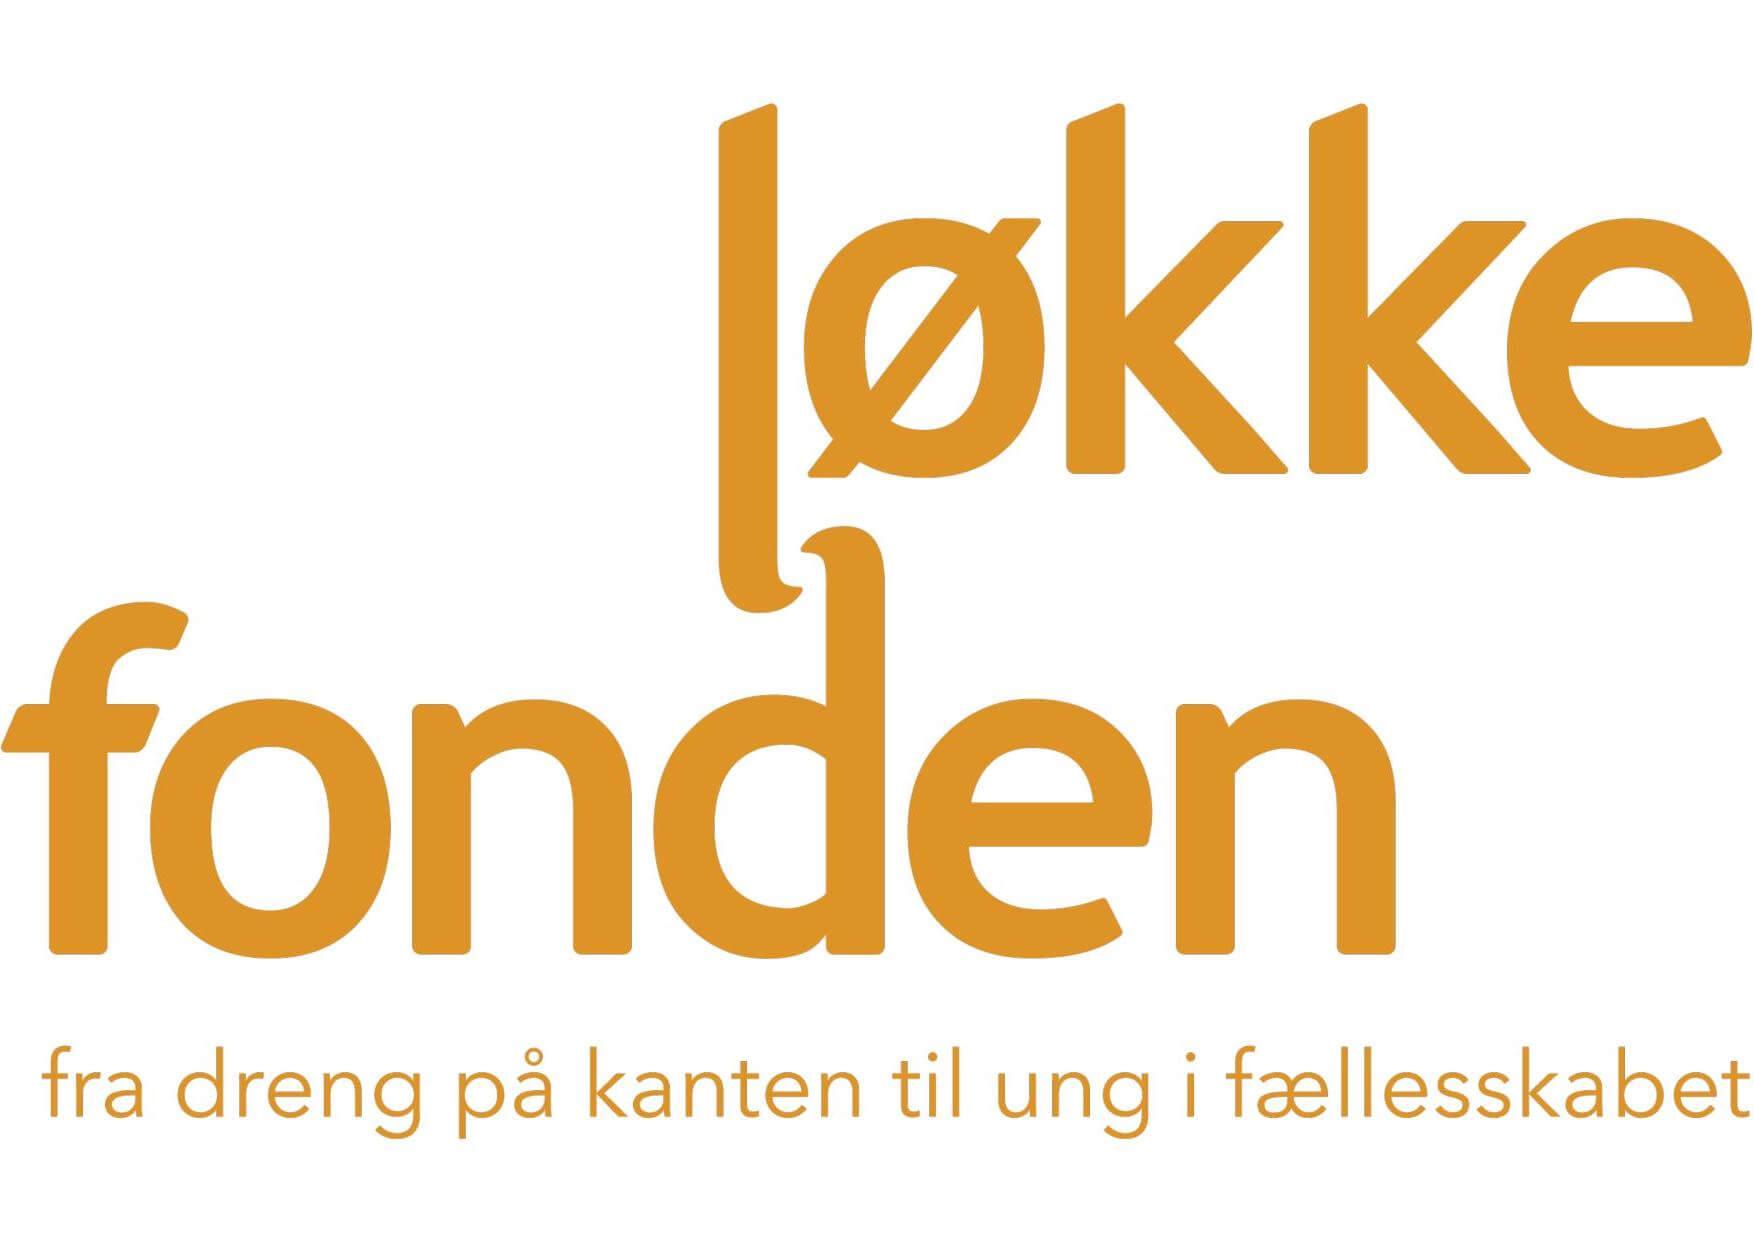 Allan Søgaard Larsen trækker sig fra LøkkeFondens bestyrelse